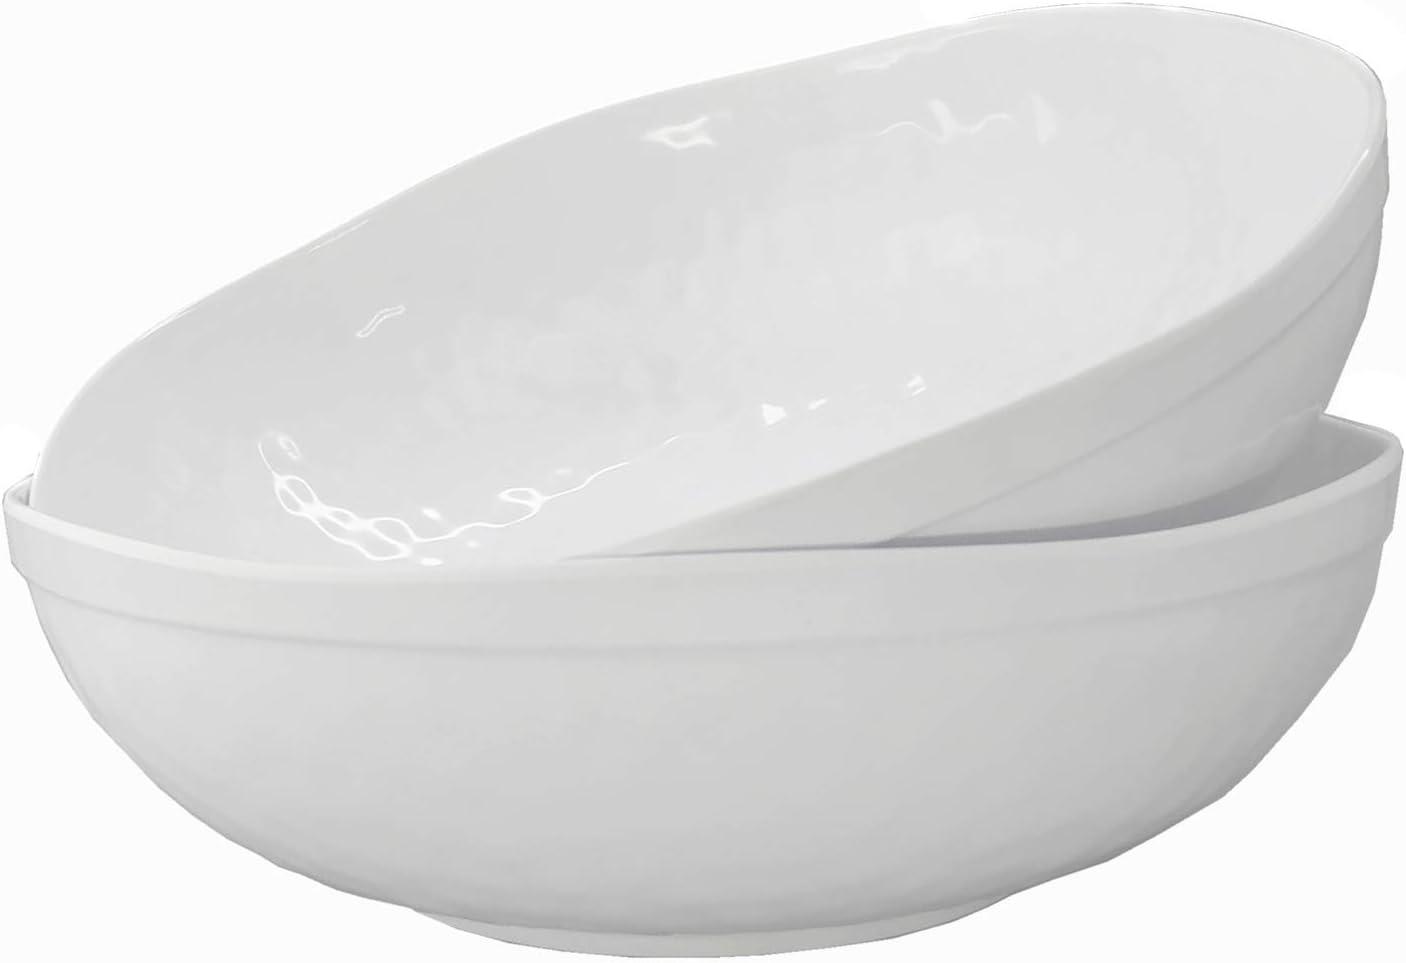 Melamine Serving Bowls -2pcs 12inch Larger Salad Bowls/Mixing Bowls,White Color  Break-resistant 100% Melamine Bowls   Dishwasher Safe,BPA Free